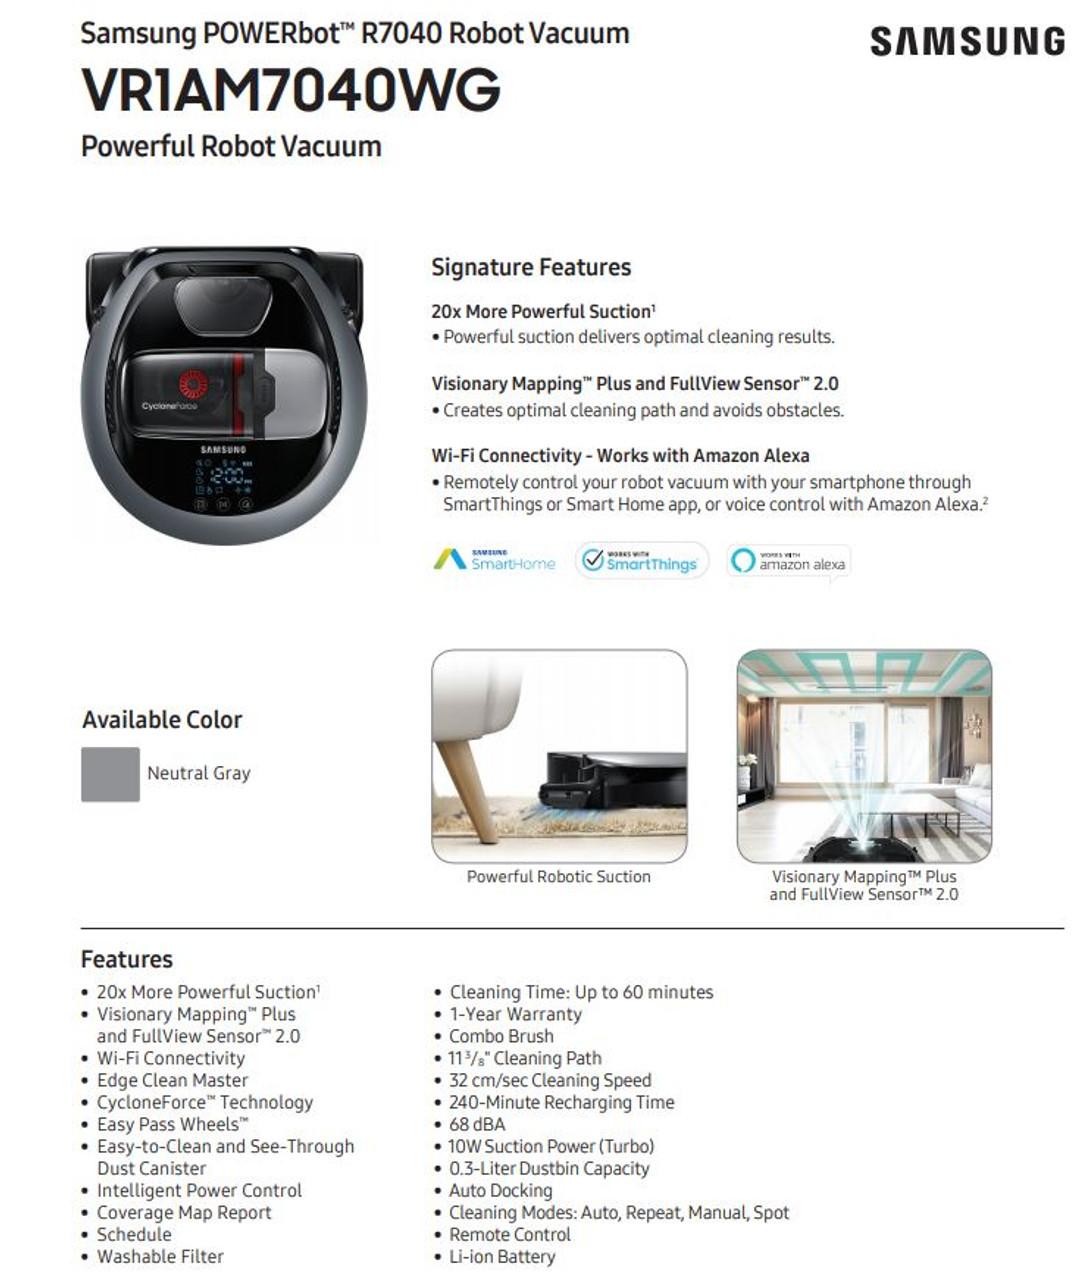 Samsung VR1AM7040WG-R POWERbot Vacuum R7040- Certified Refurbished